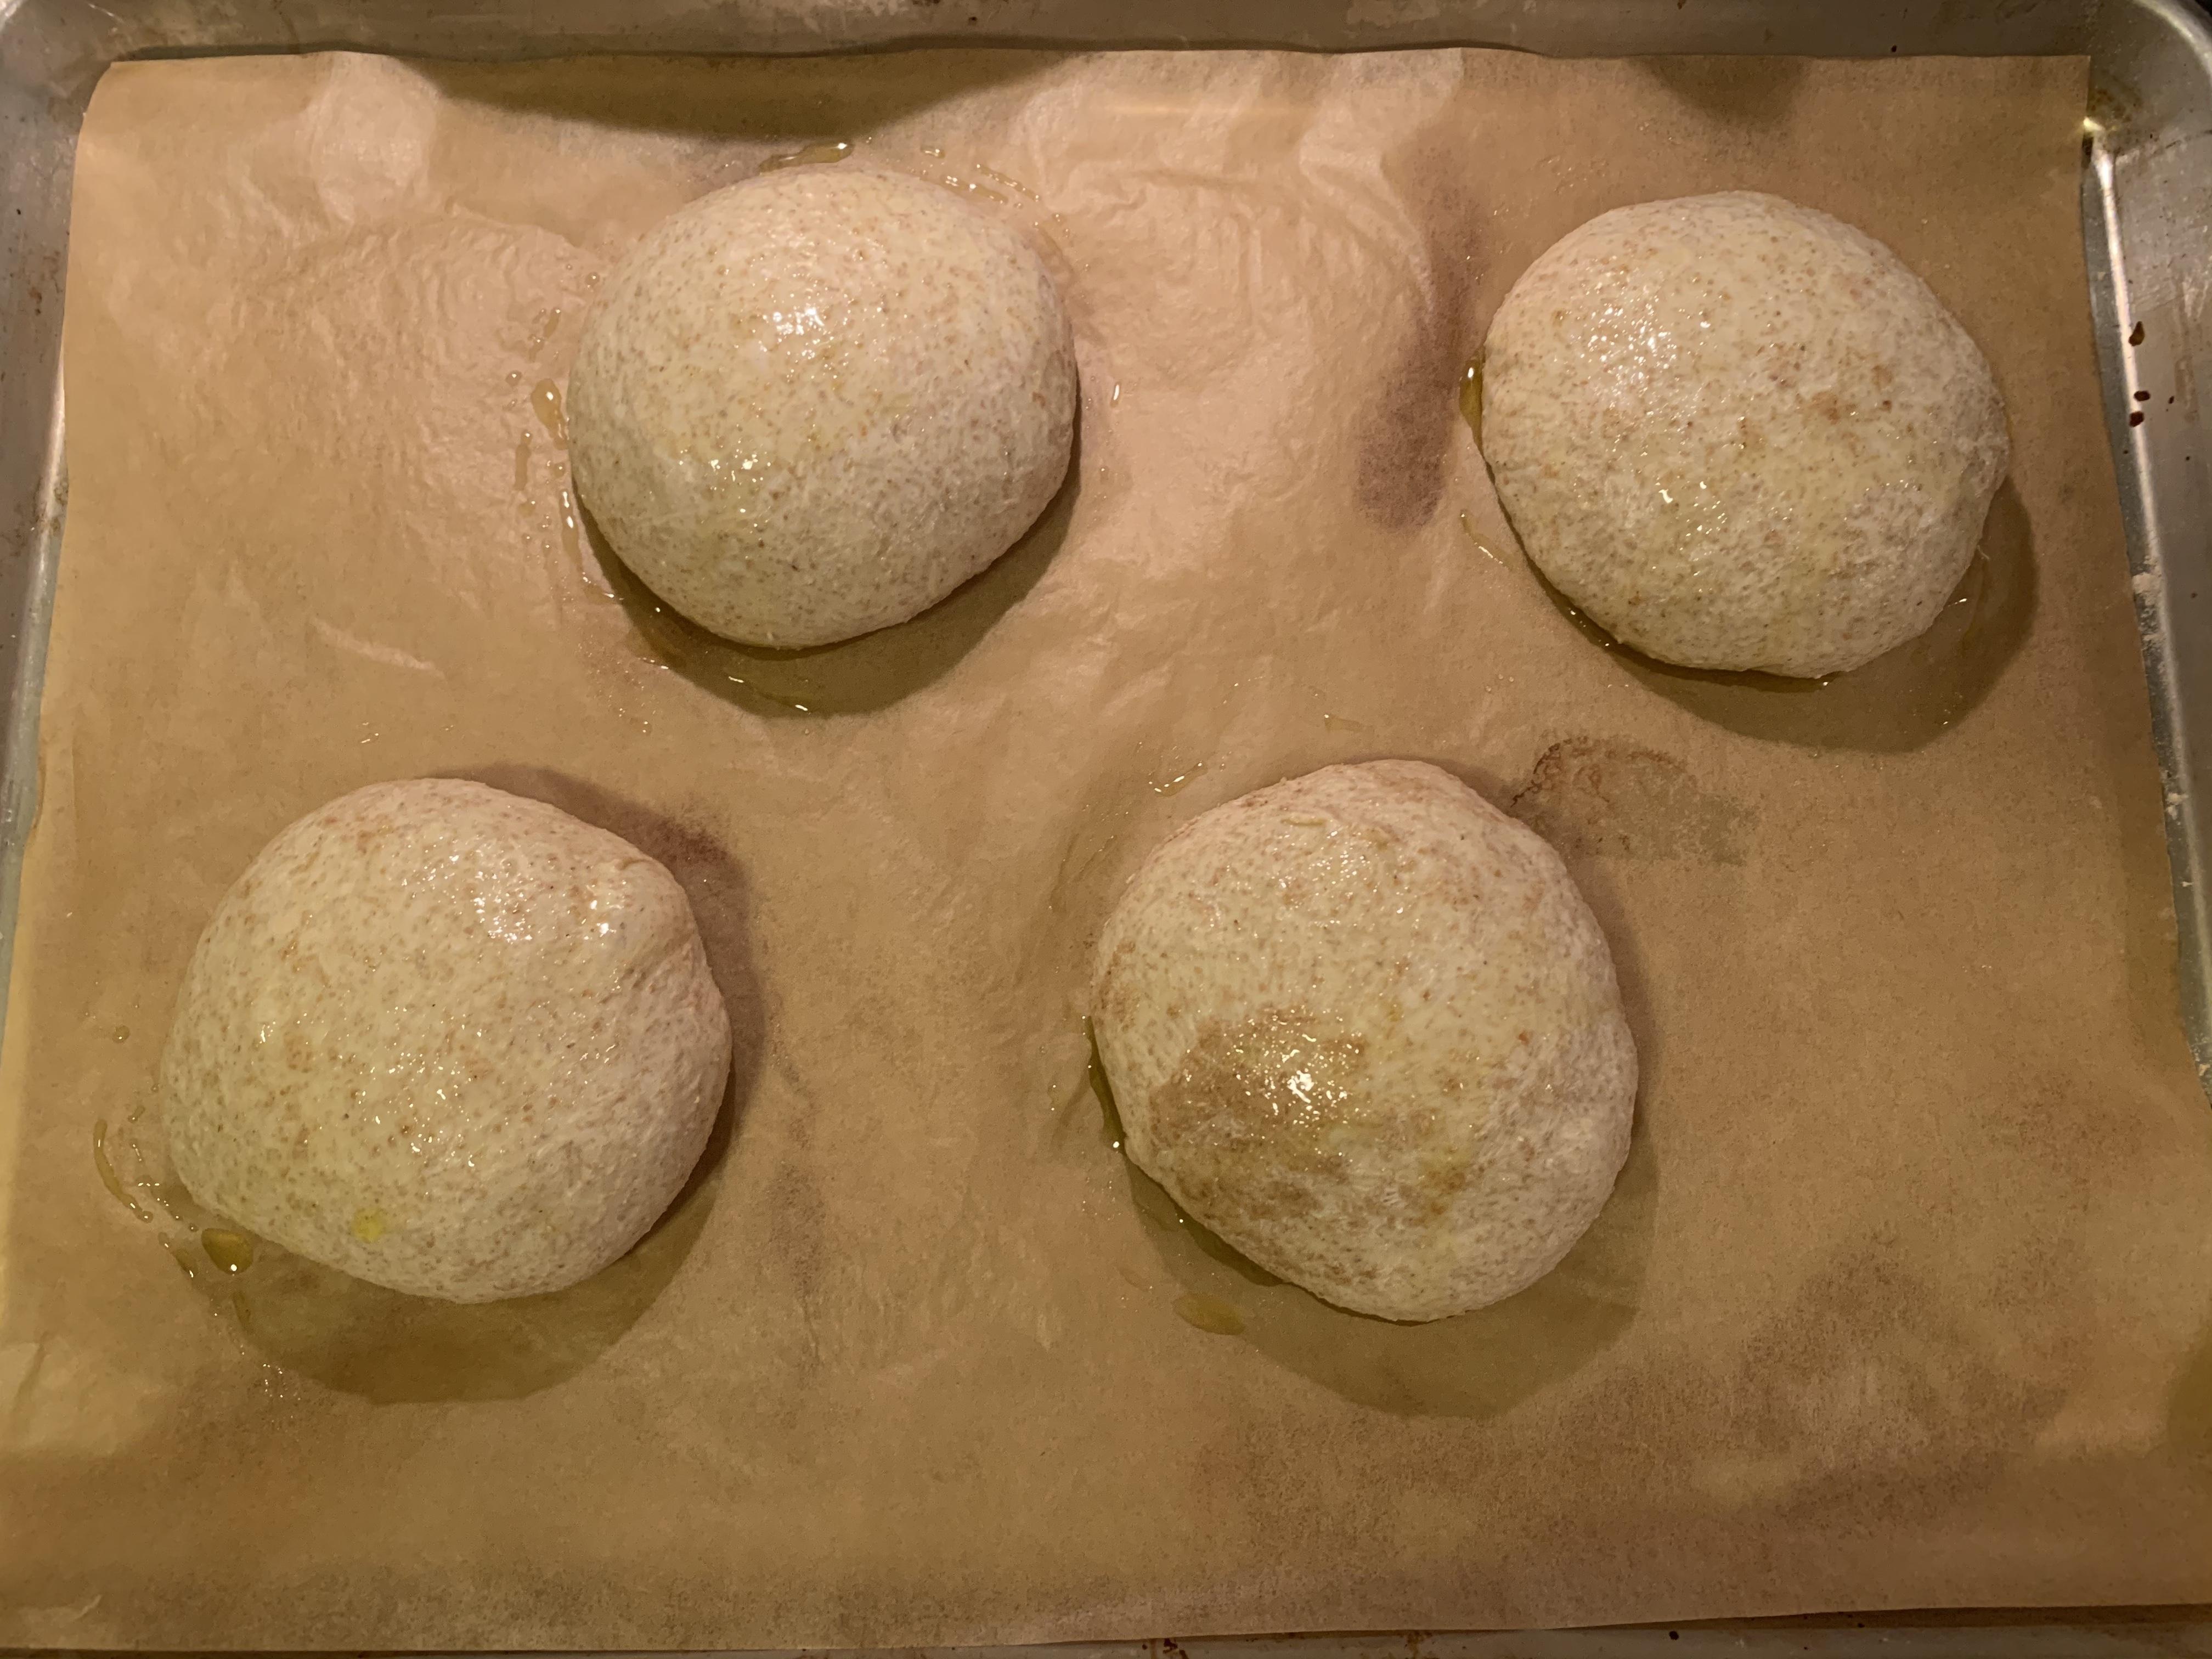 four balls of dough on parchment paper